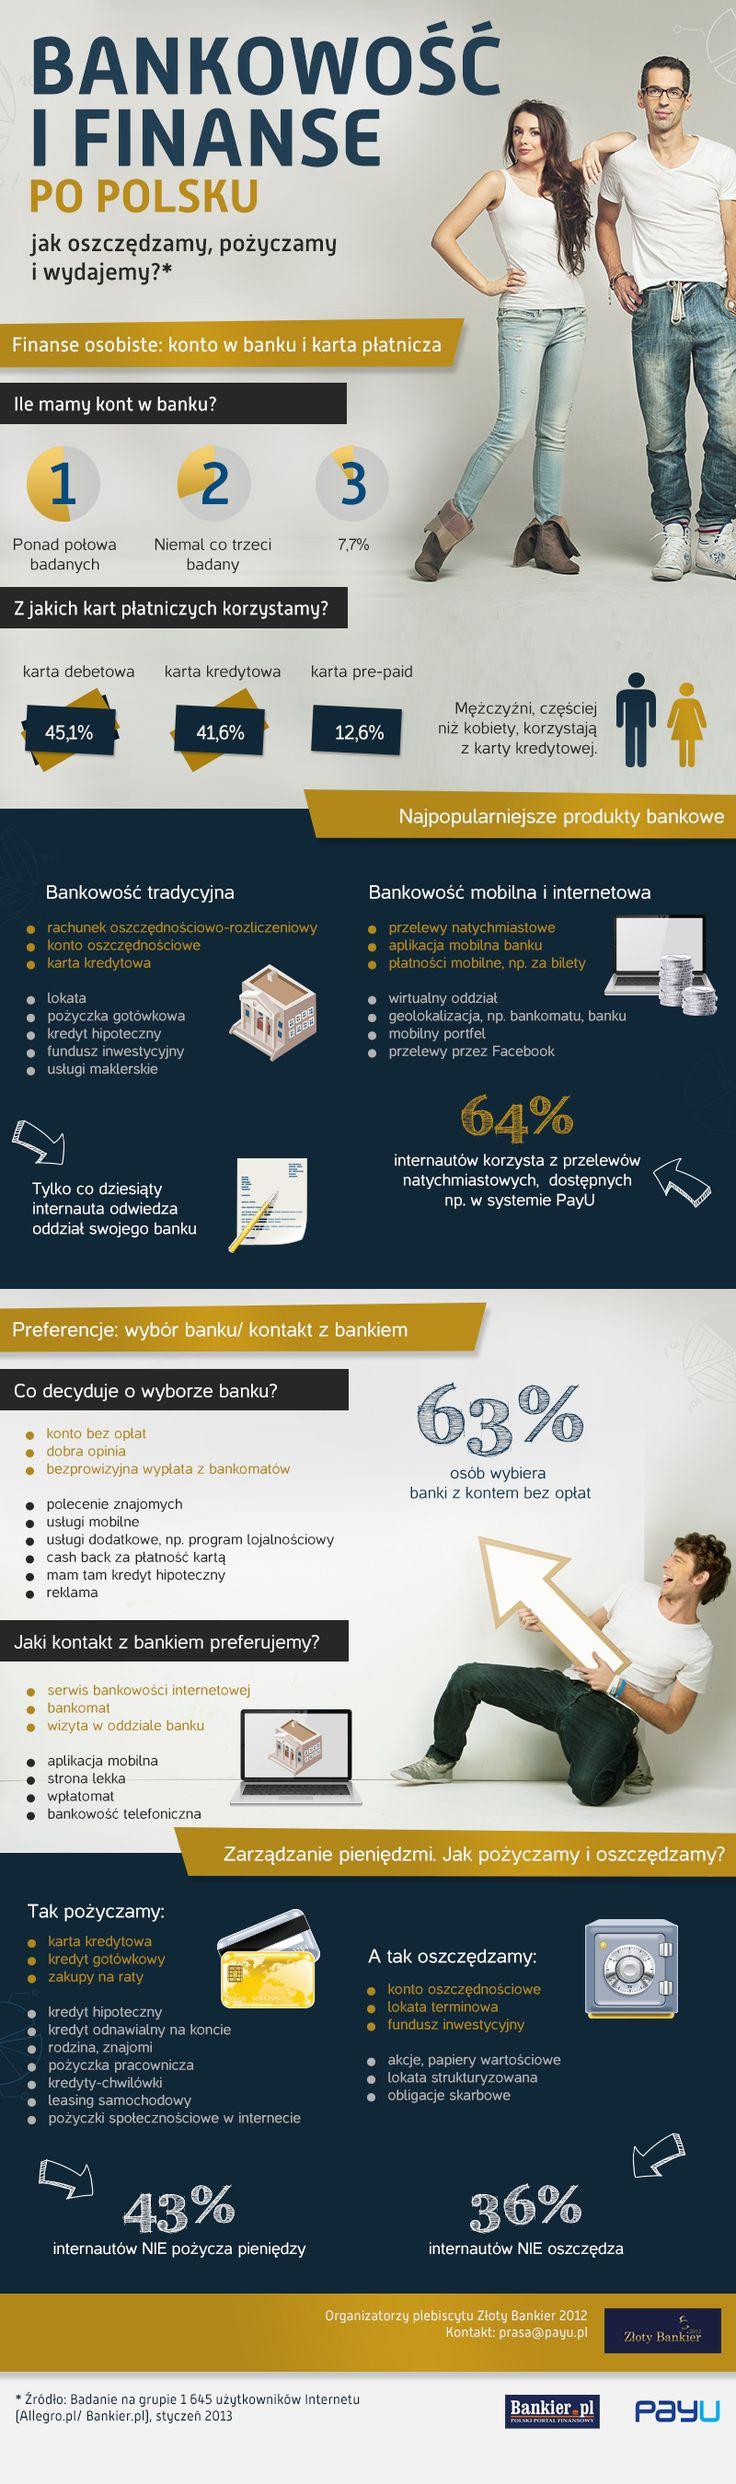 Finanse po polsku:  http://admonkey.pl/bankowosc-i-finanse-po-polsku-jak-oszczedzamy-pozyczamy-i-wydajemy/12260